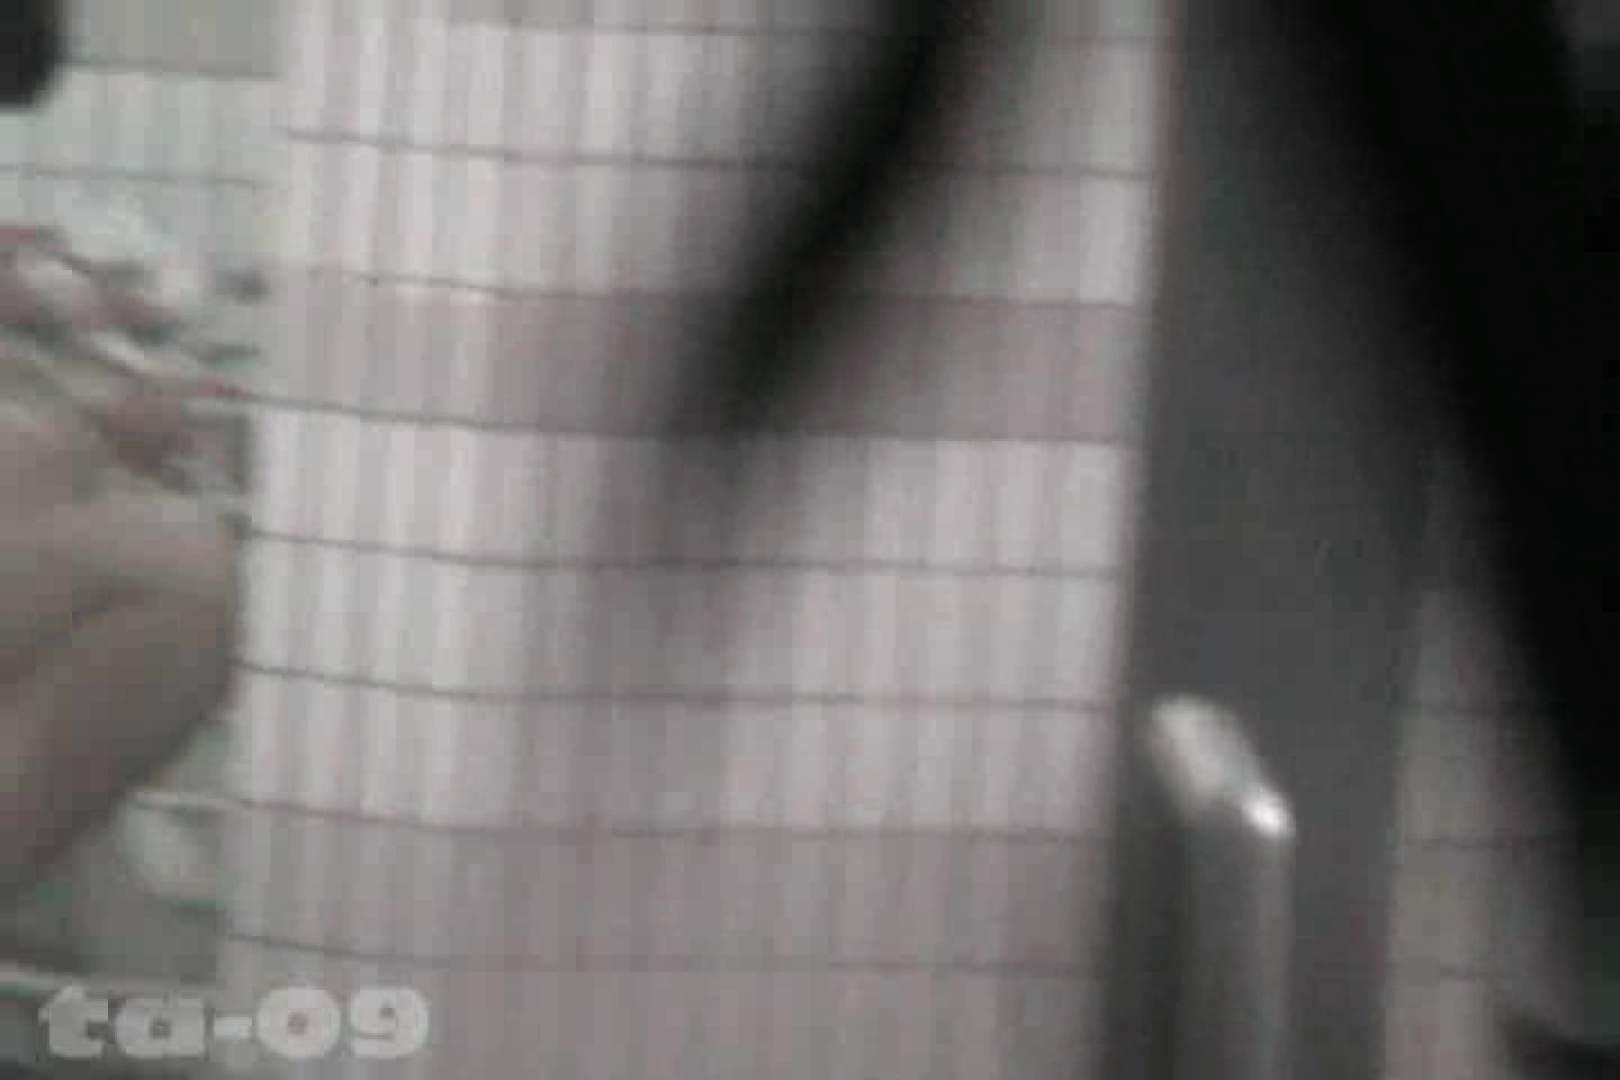 合宿ホテル女風呂盗撮高画質版 Vol.09 OL   盗撮エロすぎ  91連発 58